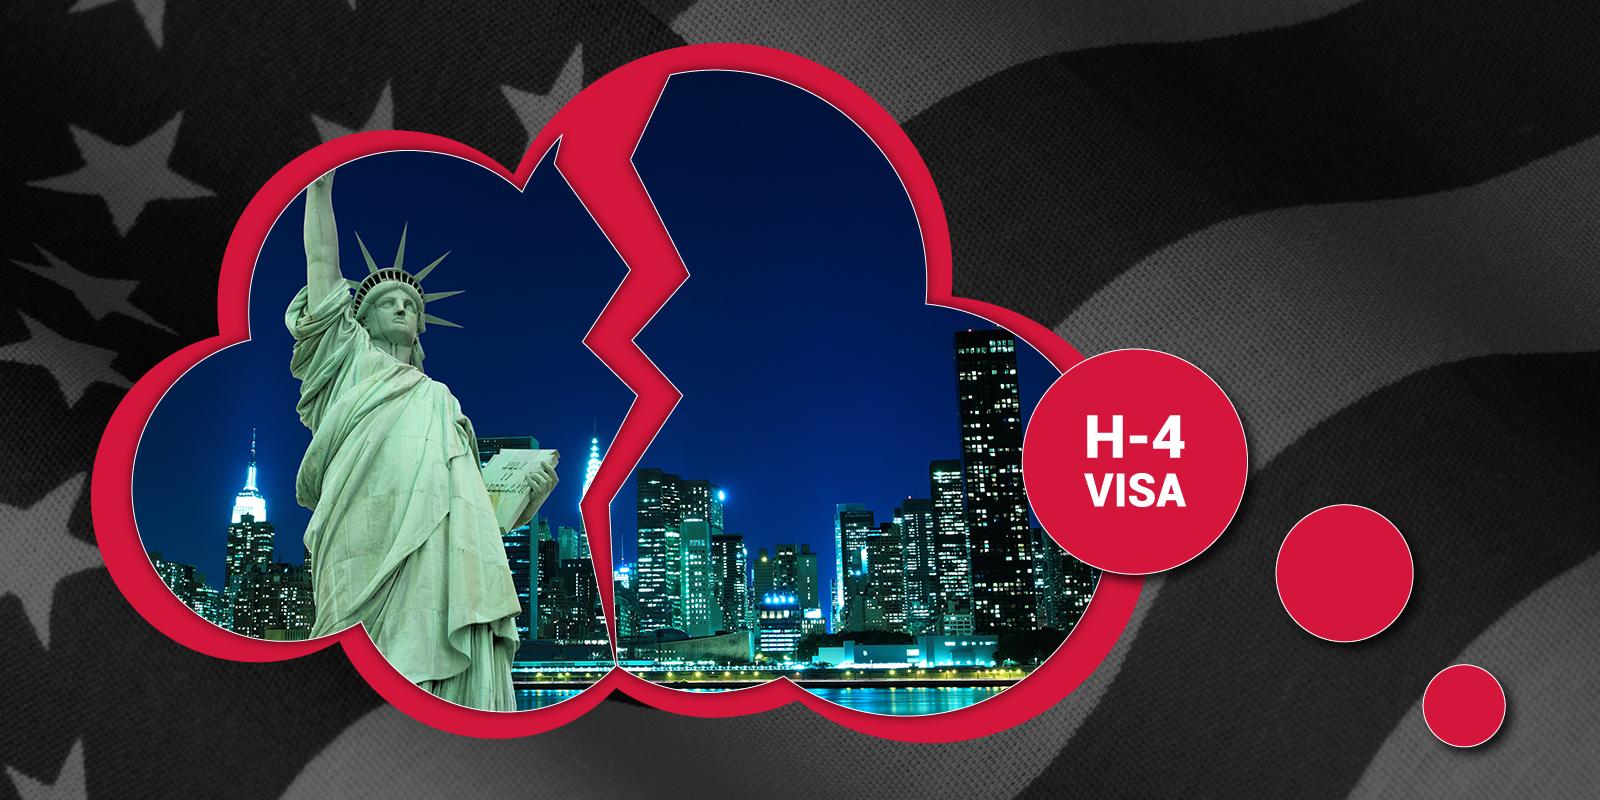 H-4 visa-08